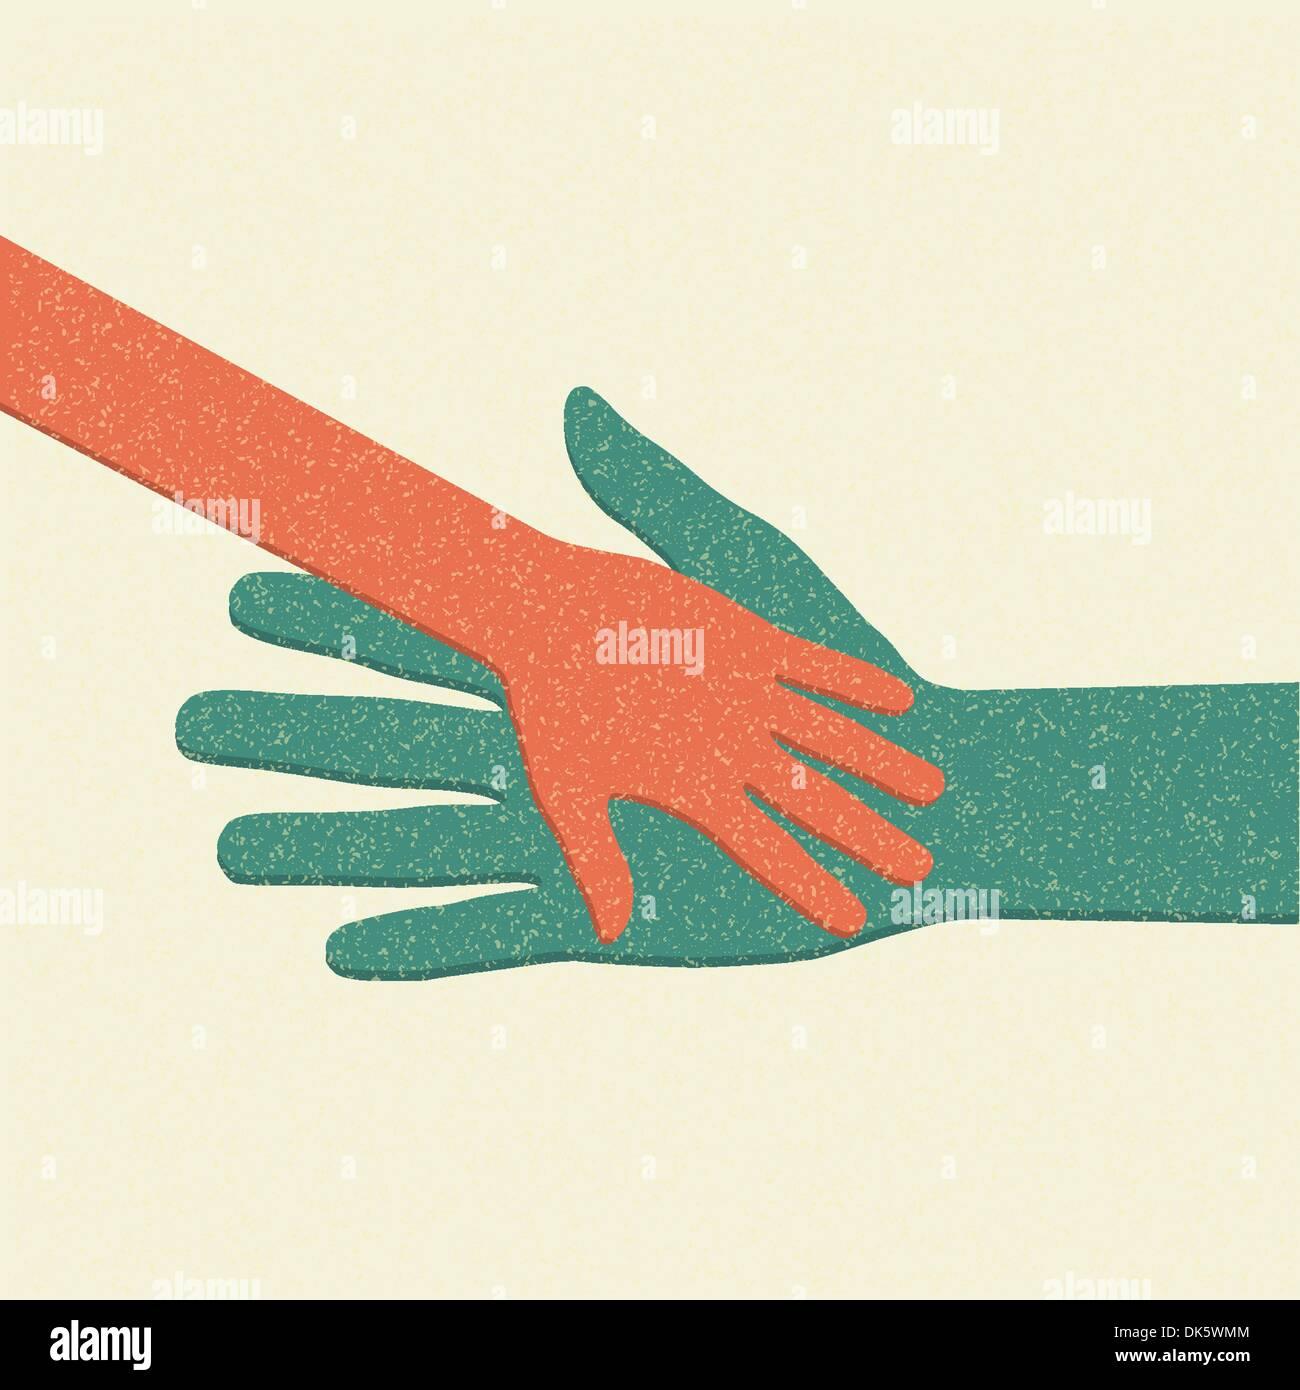 Las manos de ayuda. Atención de adultos acerca de los niños. Ilustración vectorial. Imagen De Stock